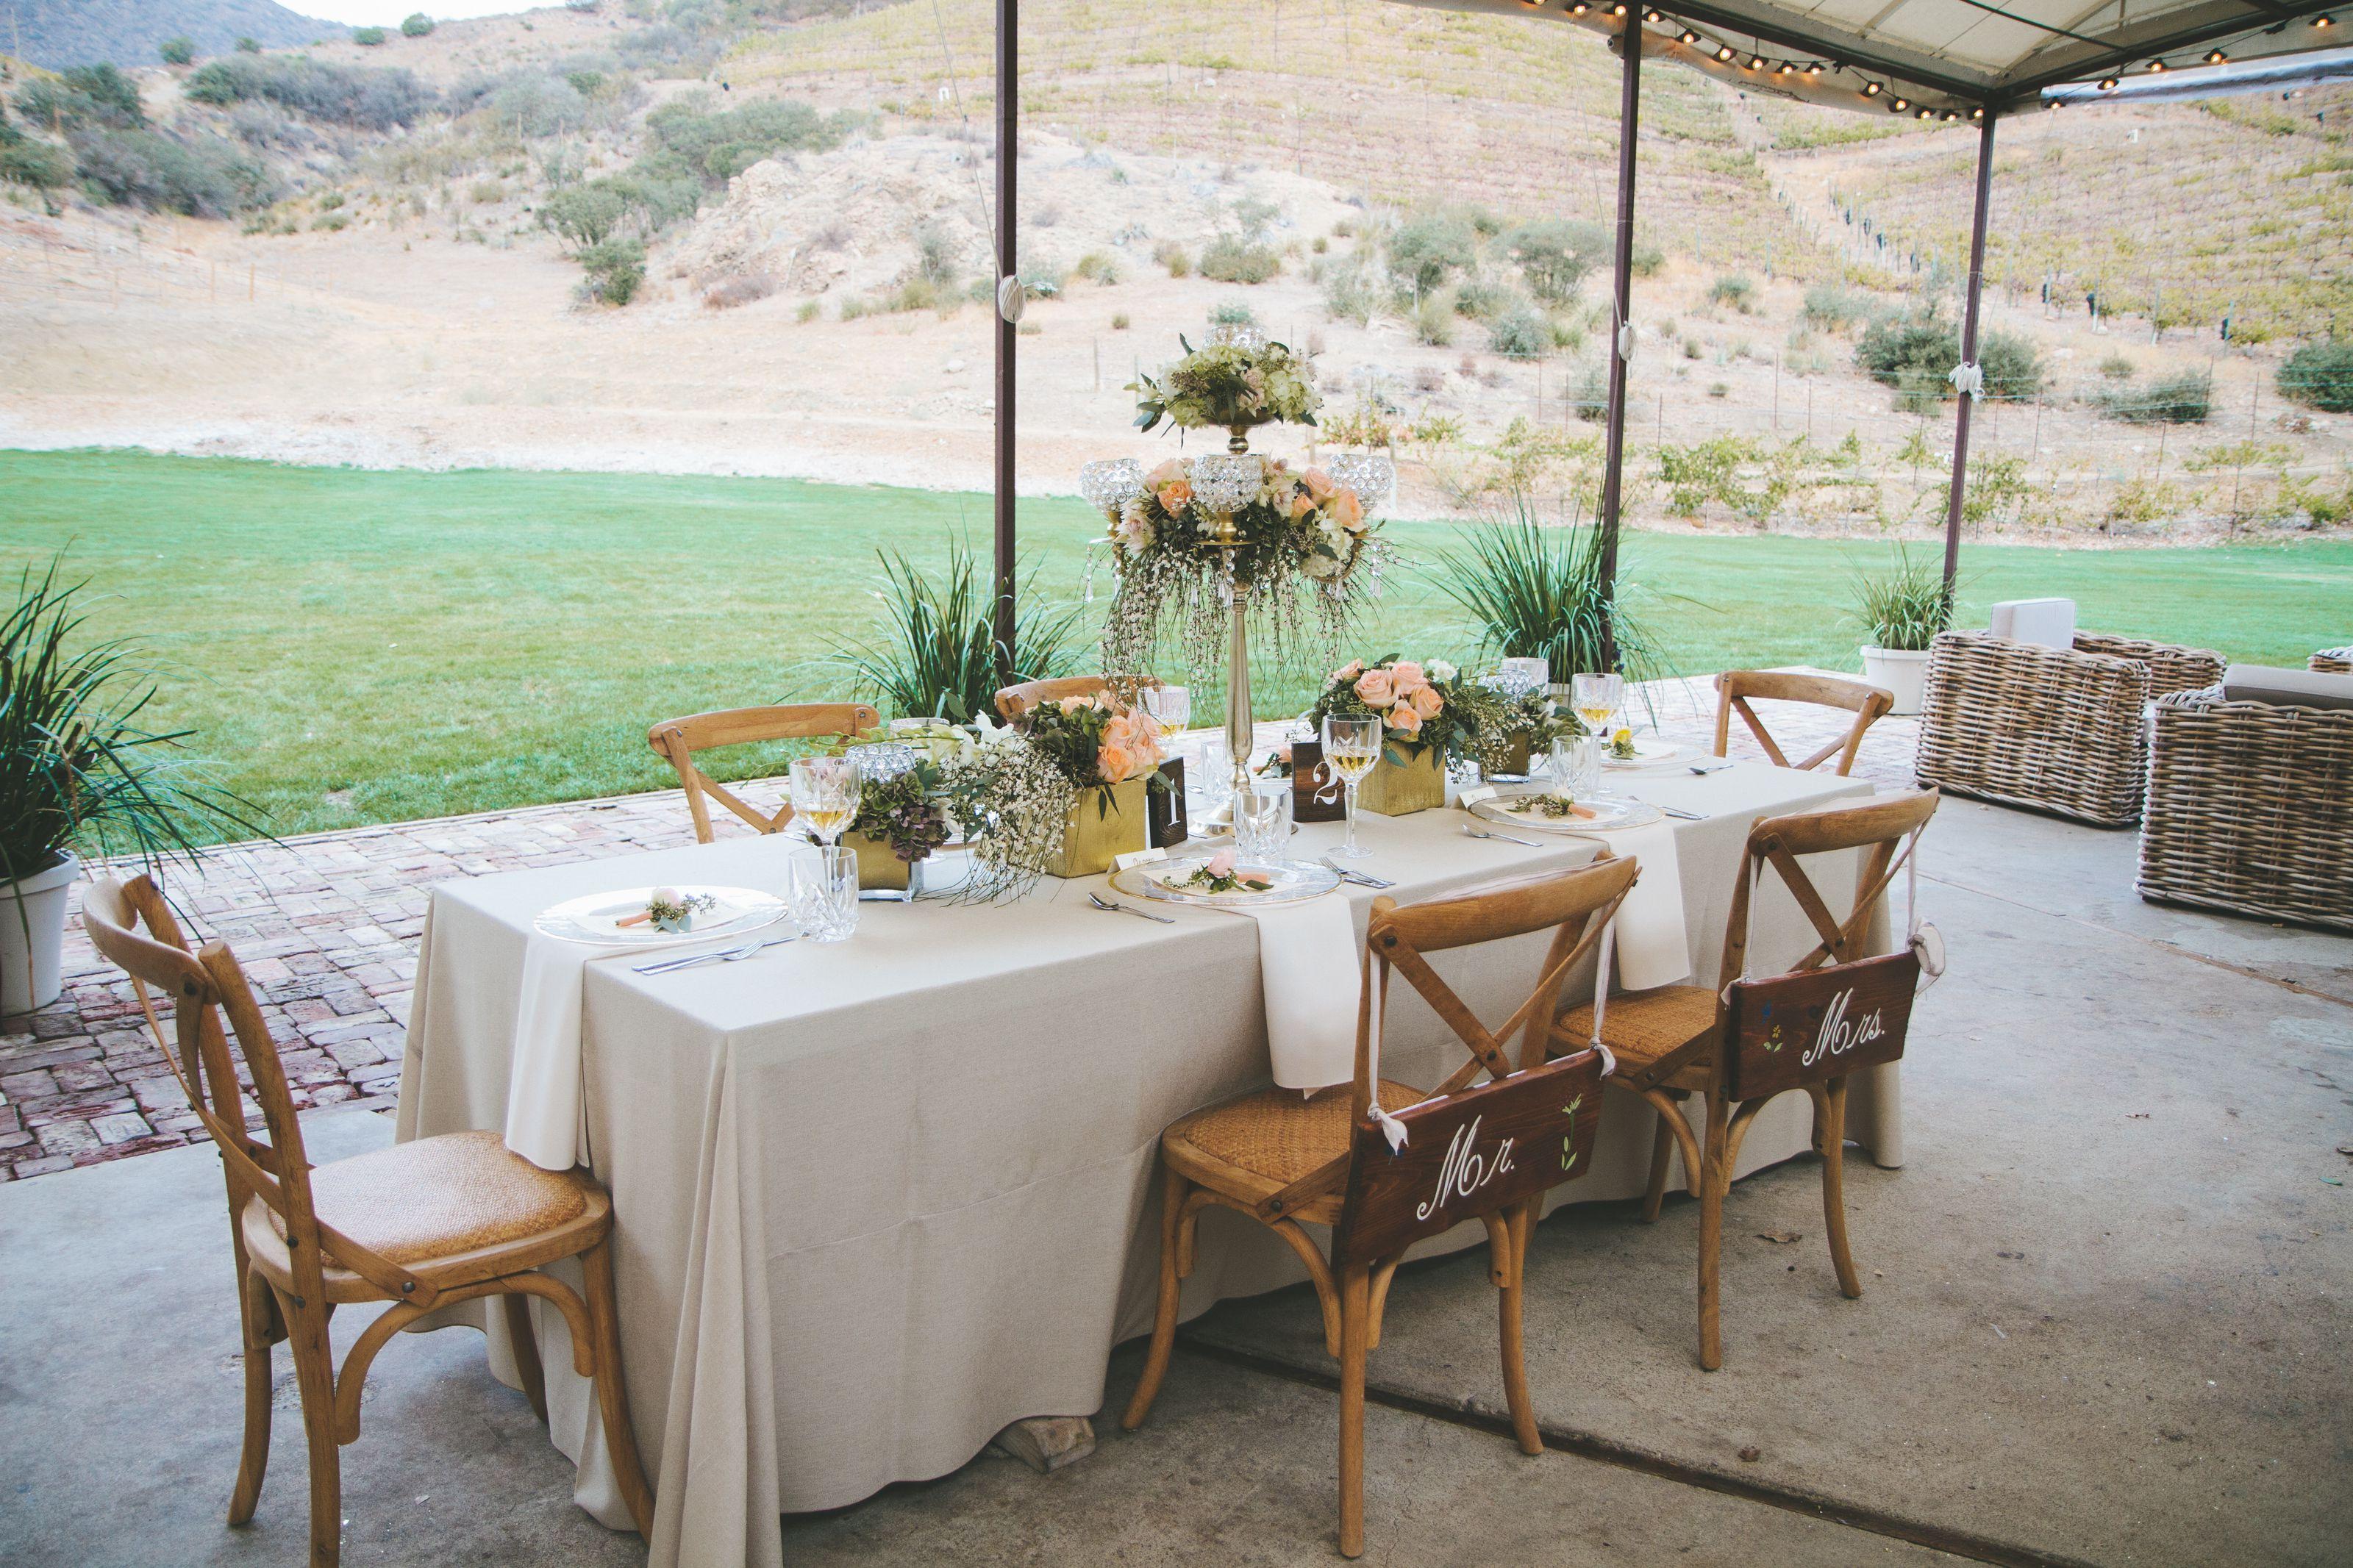 Ideas for a rustic elegant wedding rustic wedding chic rustic elegant wedding dzzzfo